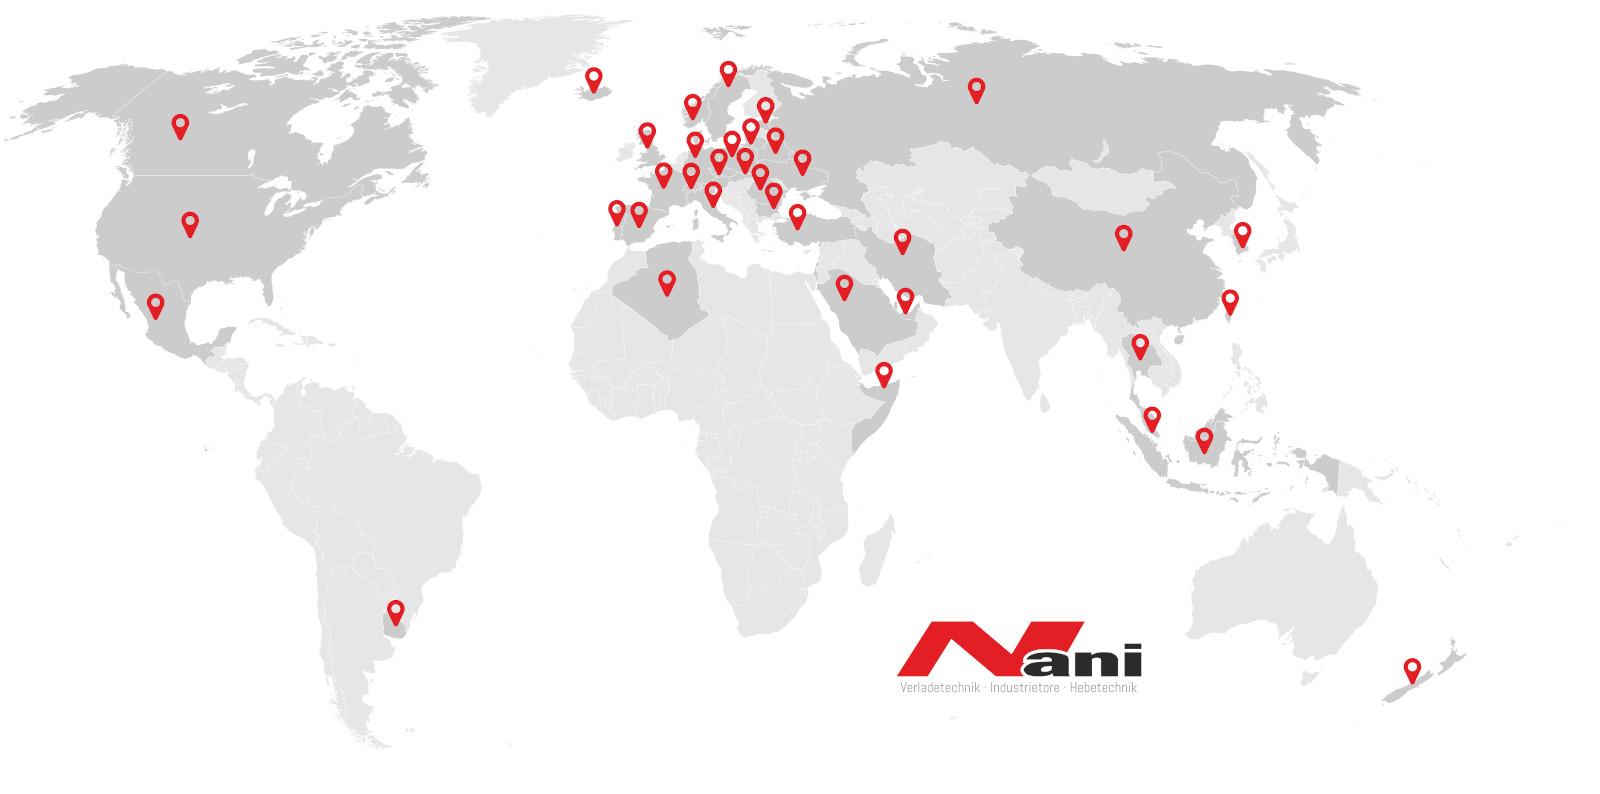 Nani - Globale Präsenz